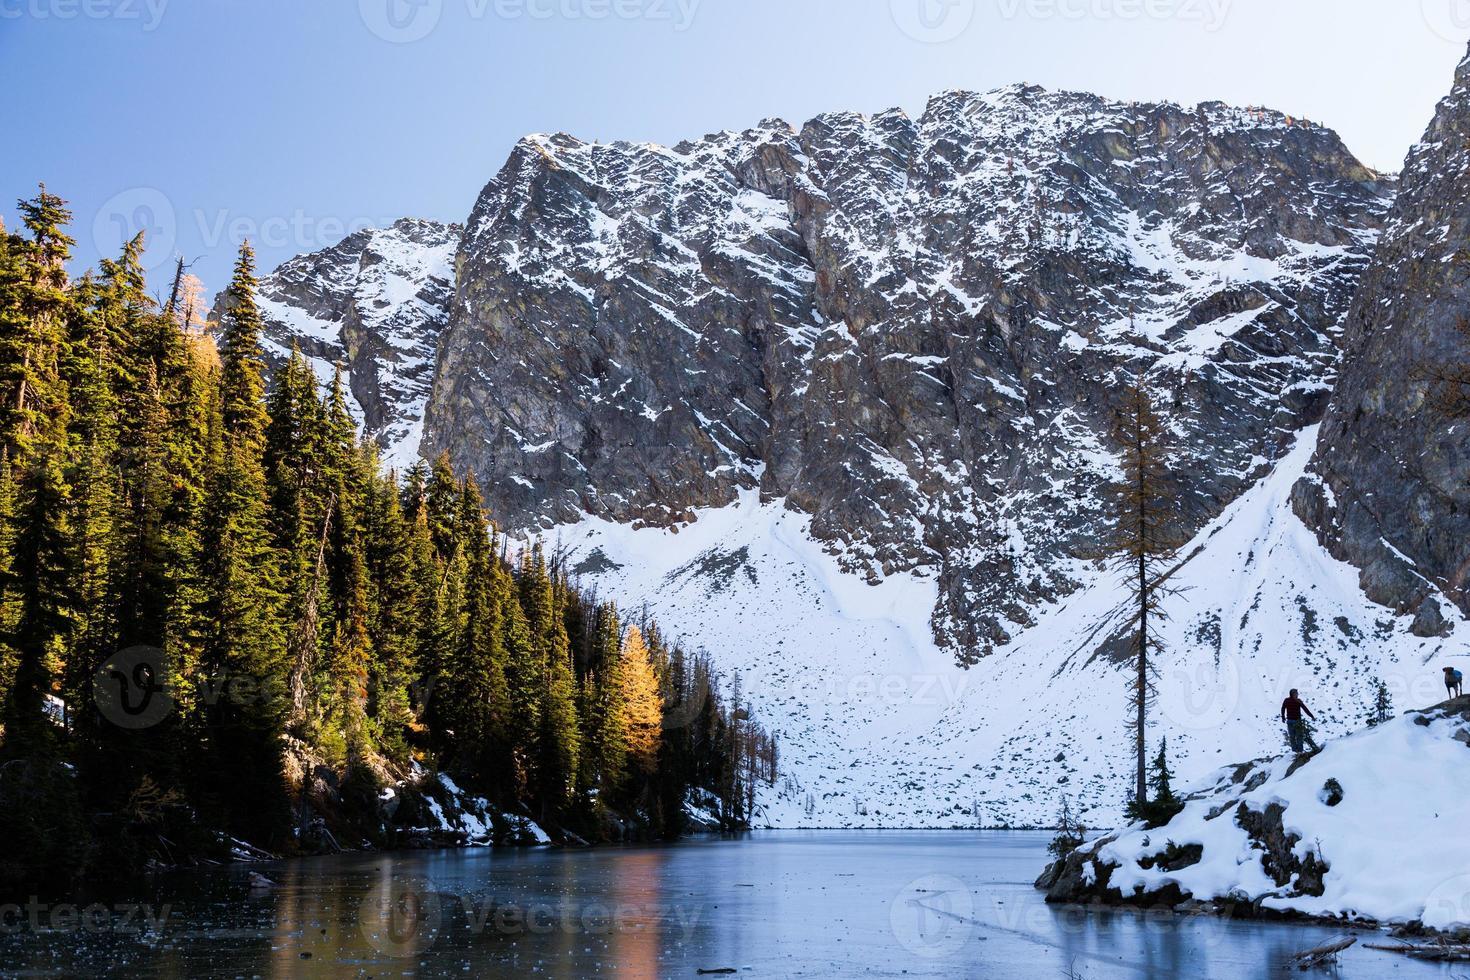 lago azul congelado en las cacadas del norte foto